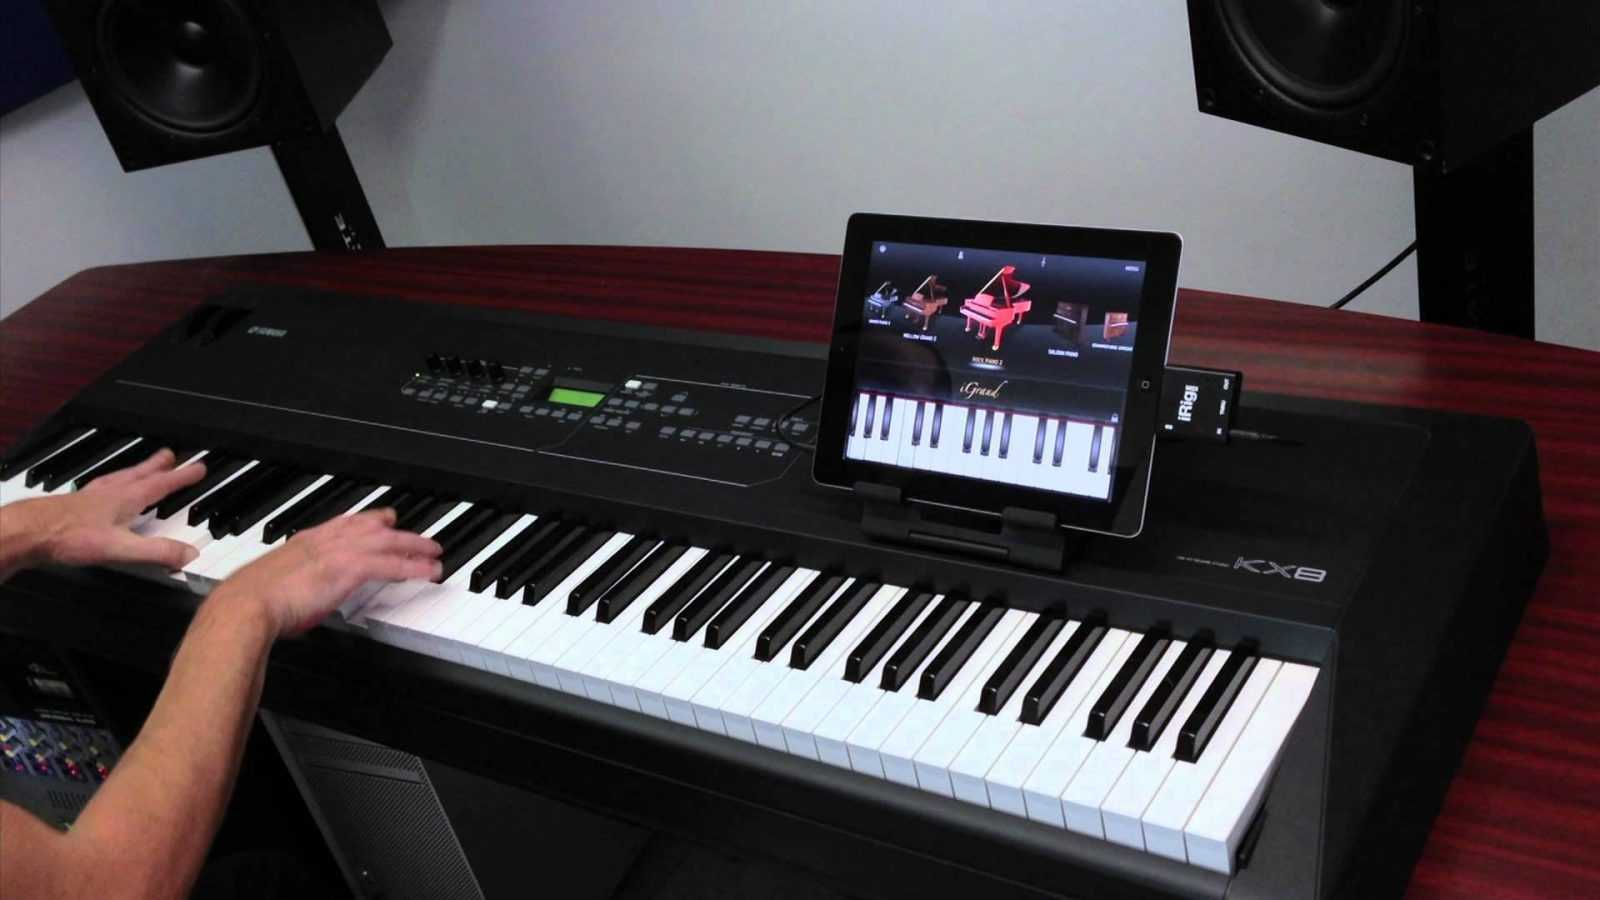 Piano Ipad